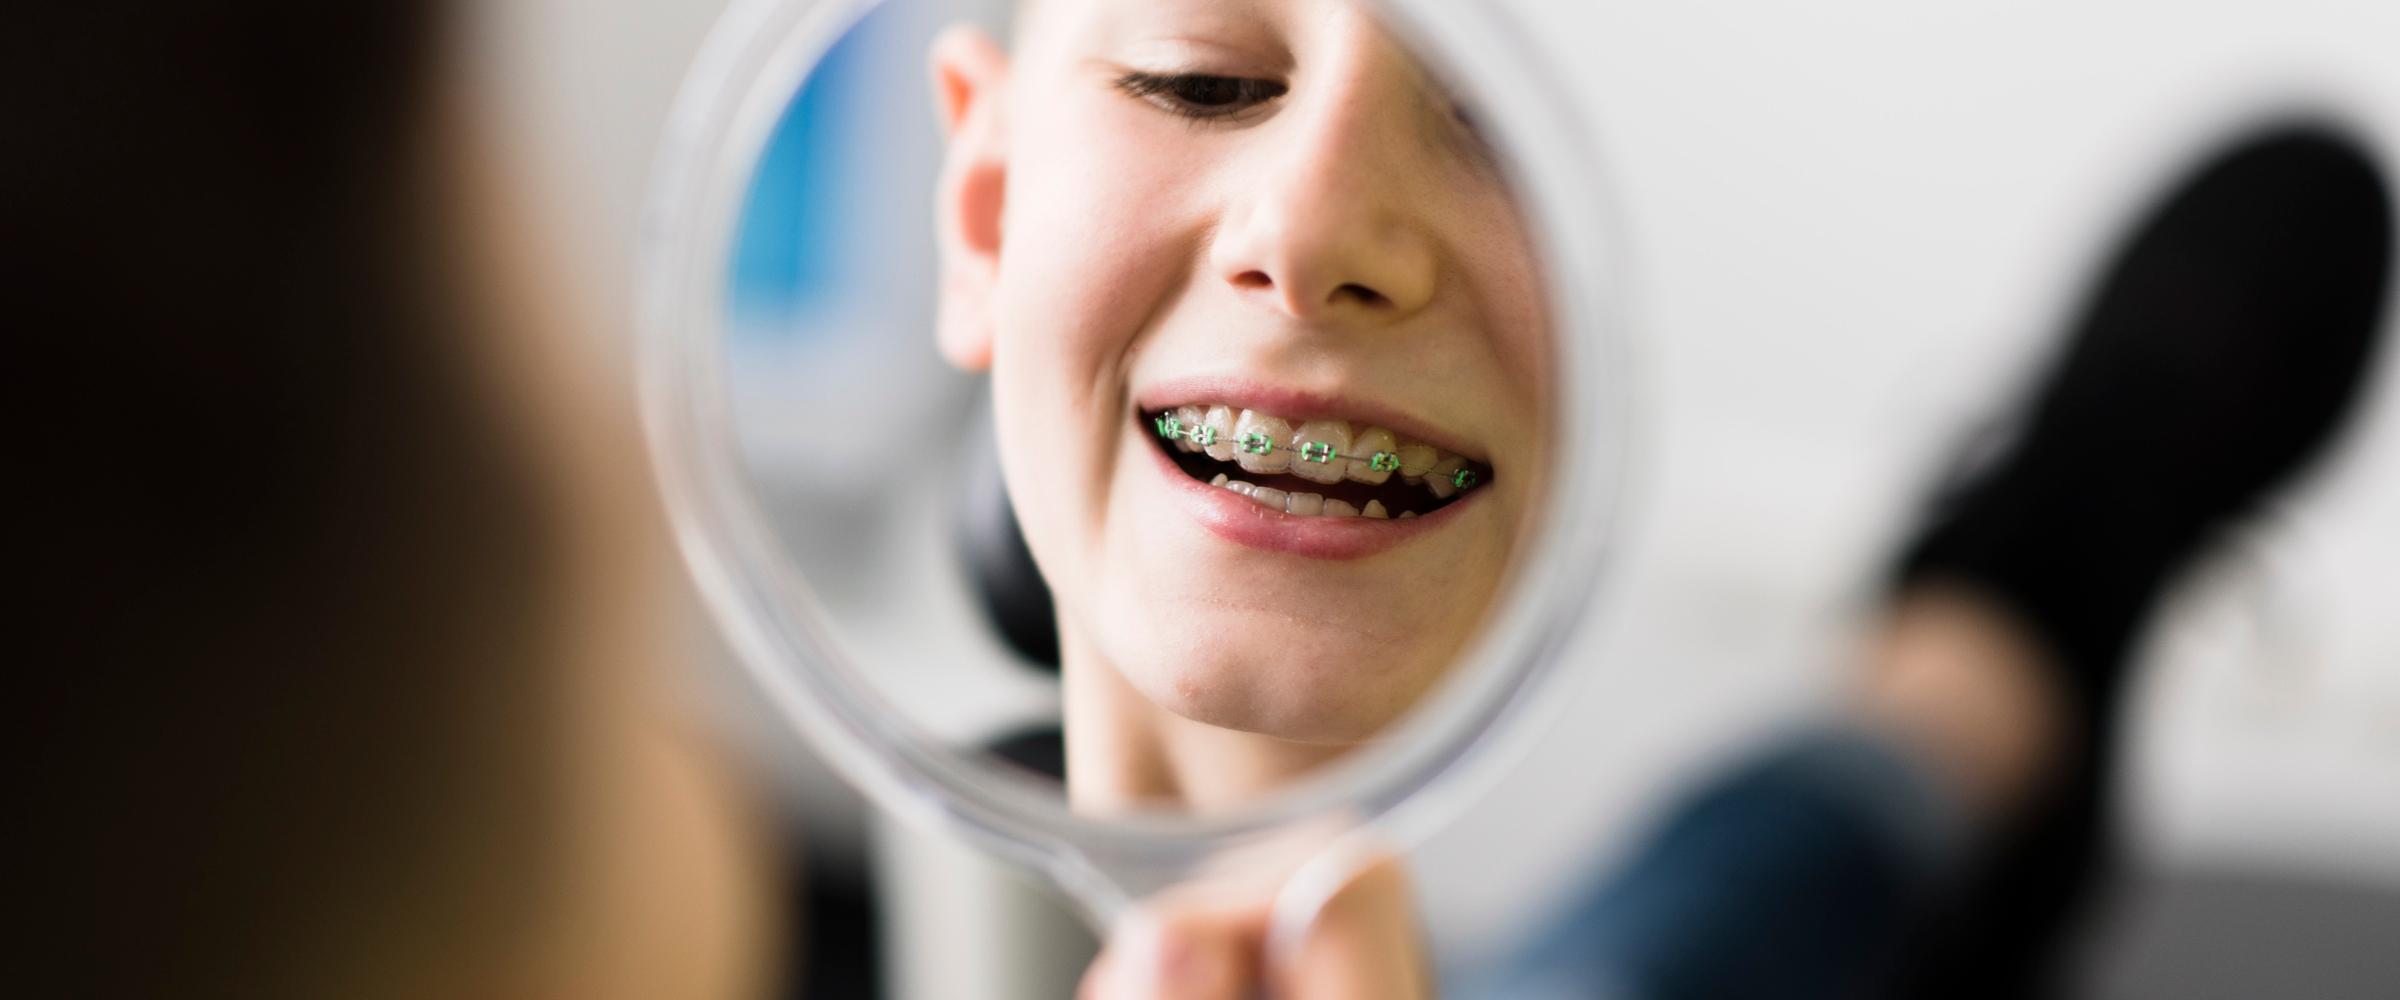 Fröhliches Kind mit Zahnspange